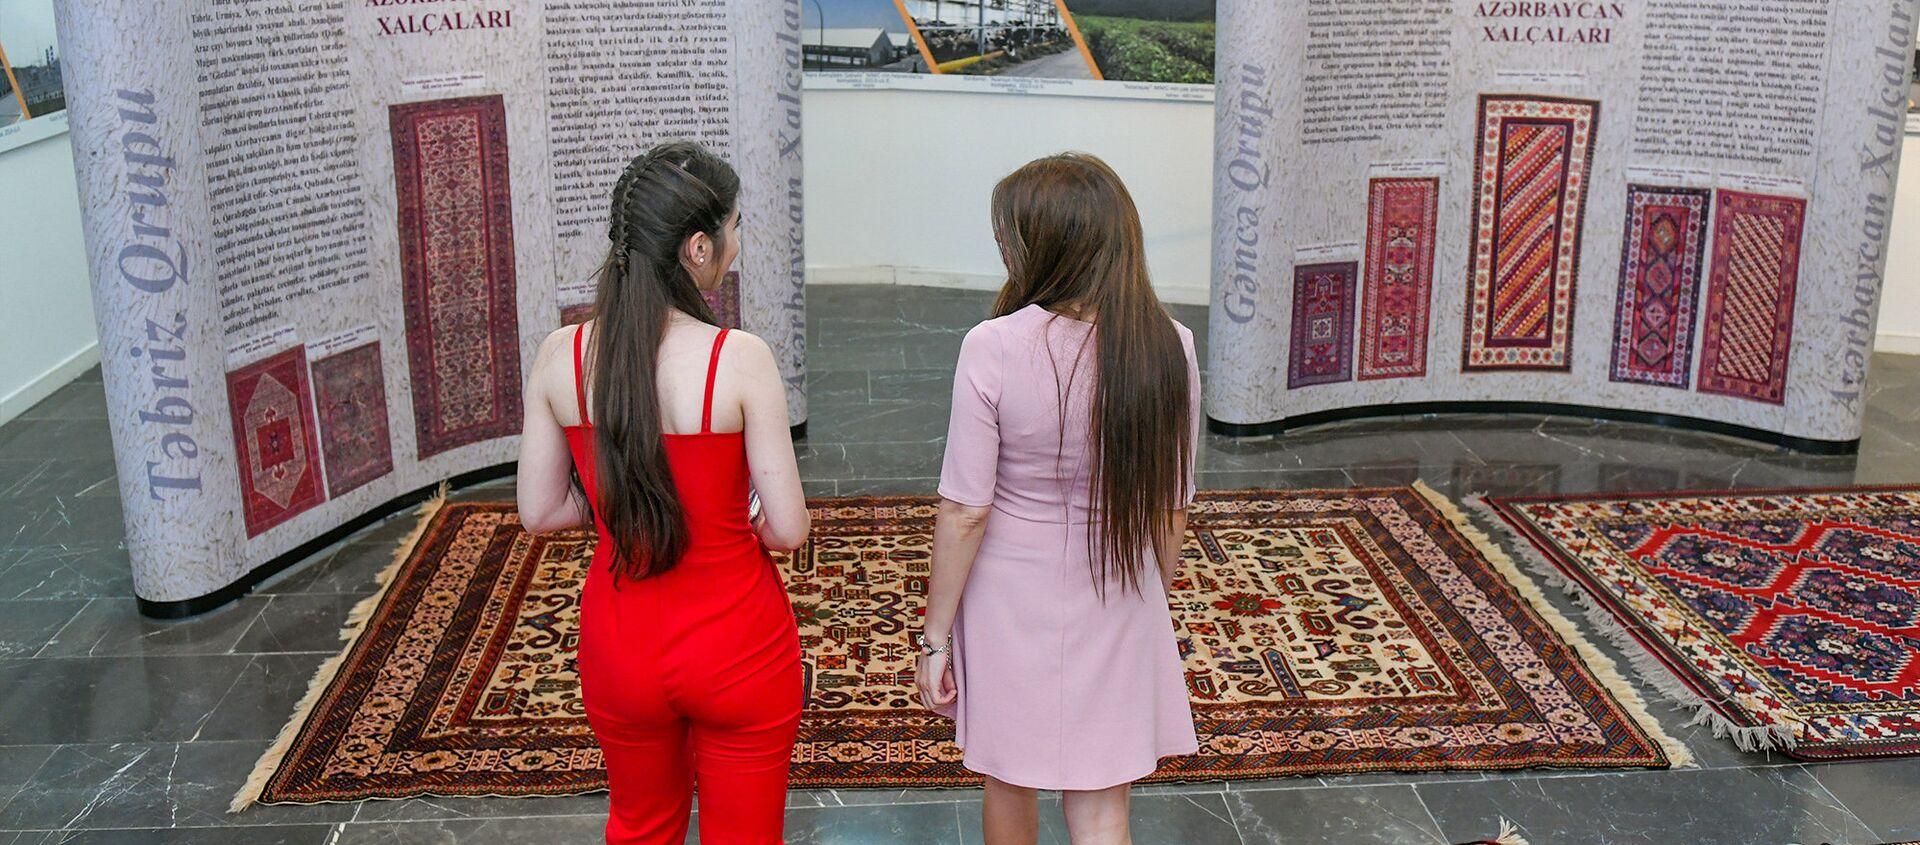 """Выставка ковров """"Умелые руки, волшебные нити"""" в Баку  - Sputnik Азербайджан, 1920, 31.03.2021"""